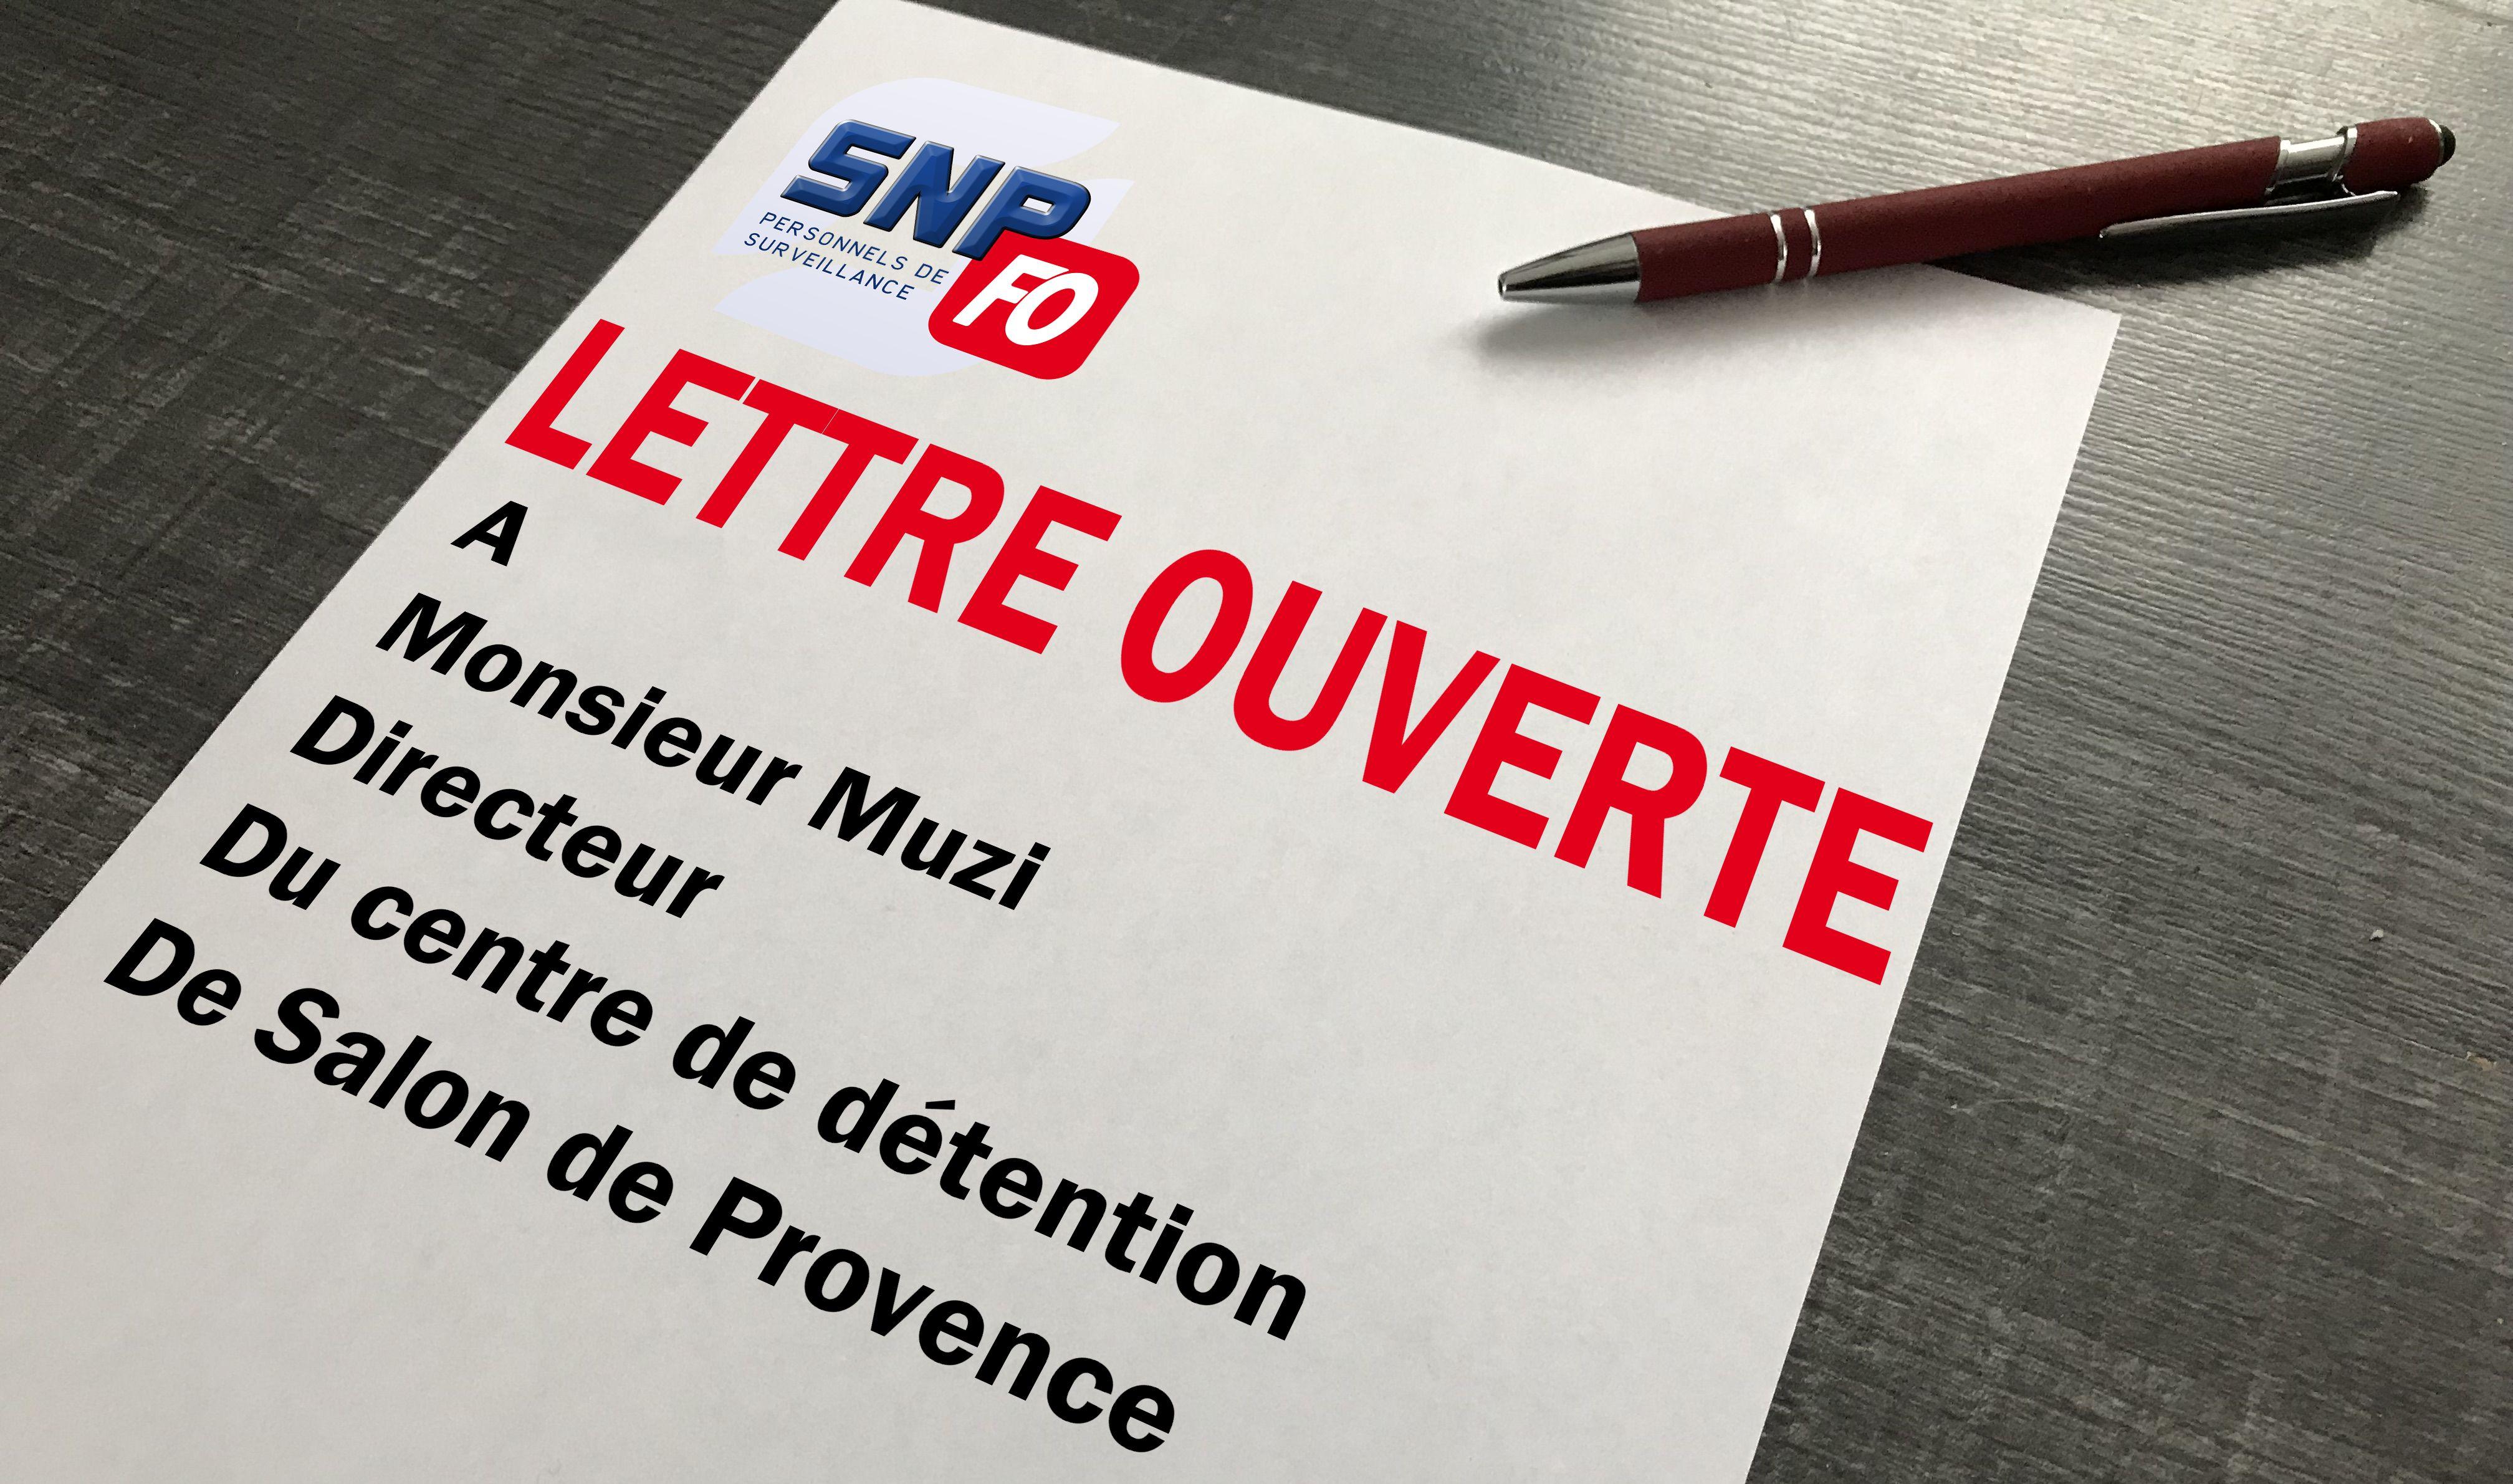 Lettre ouverte monsieur le directeur du centre de - Grille indiciaire surveillant penitentiaire ...